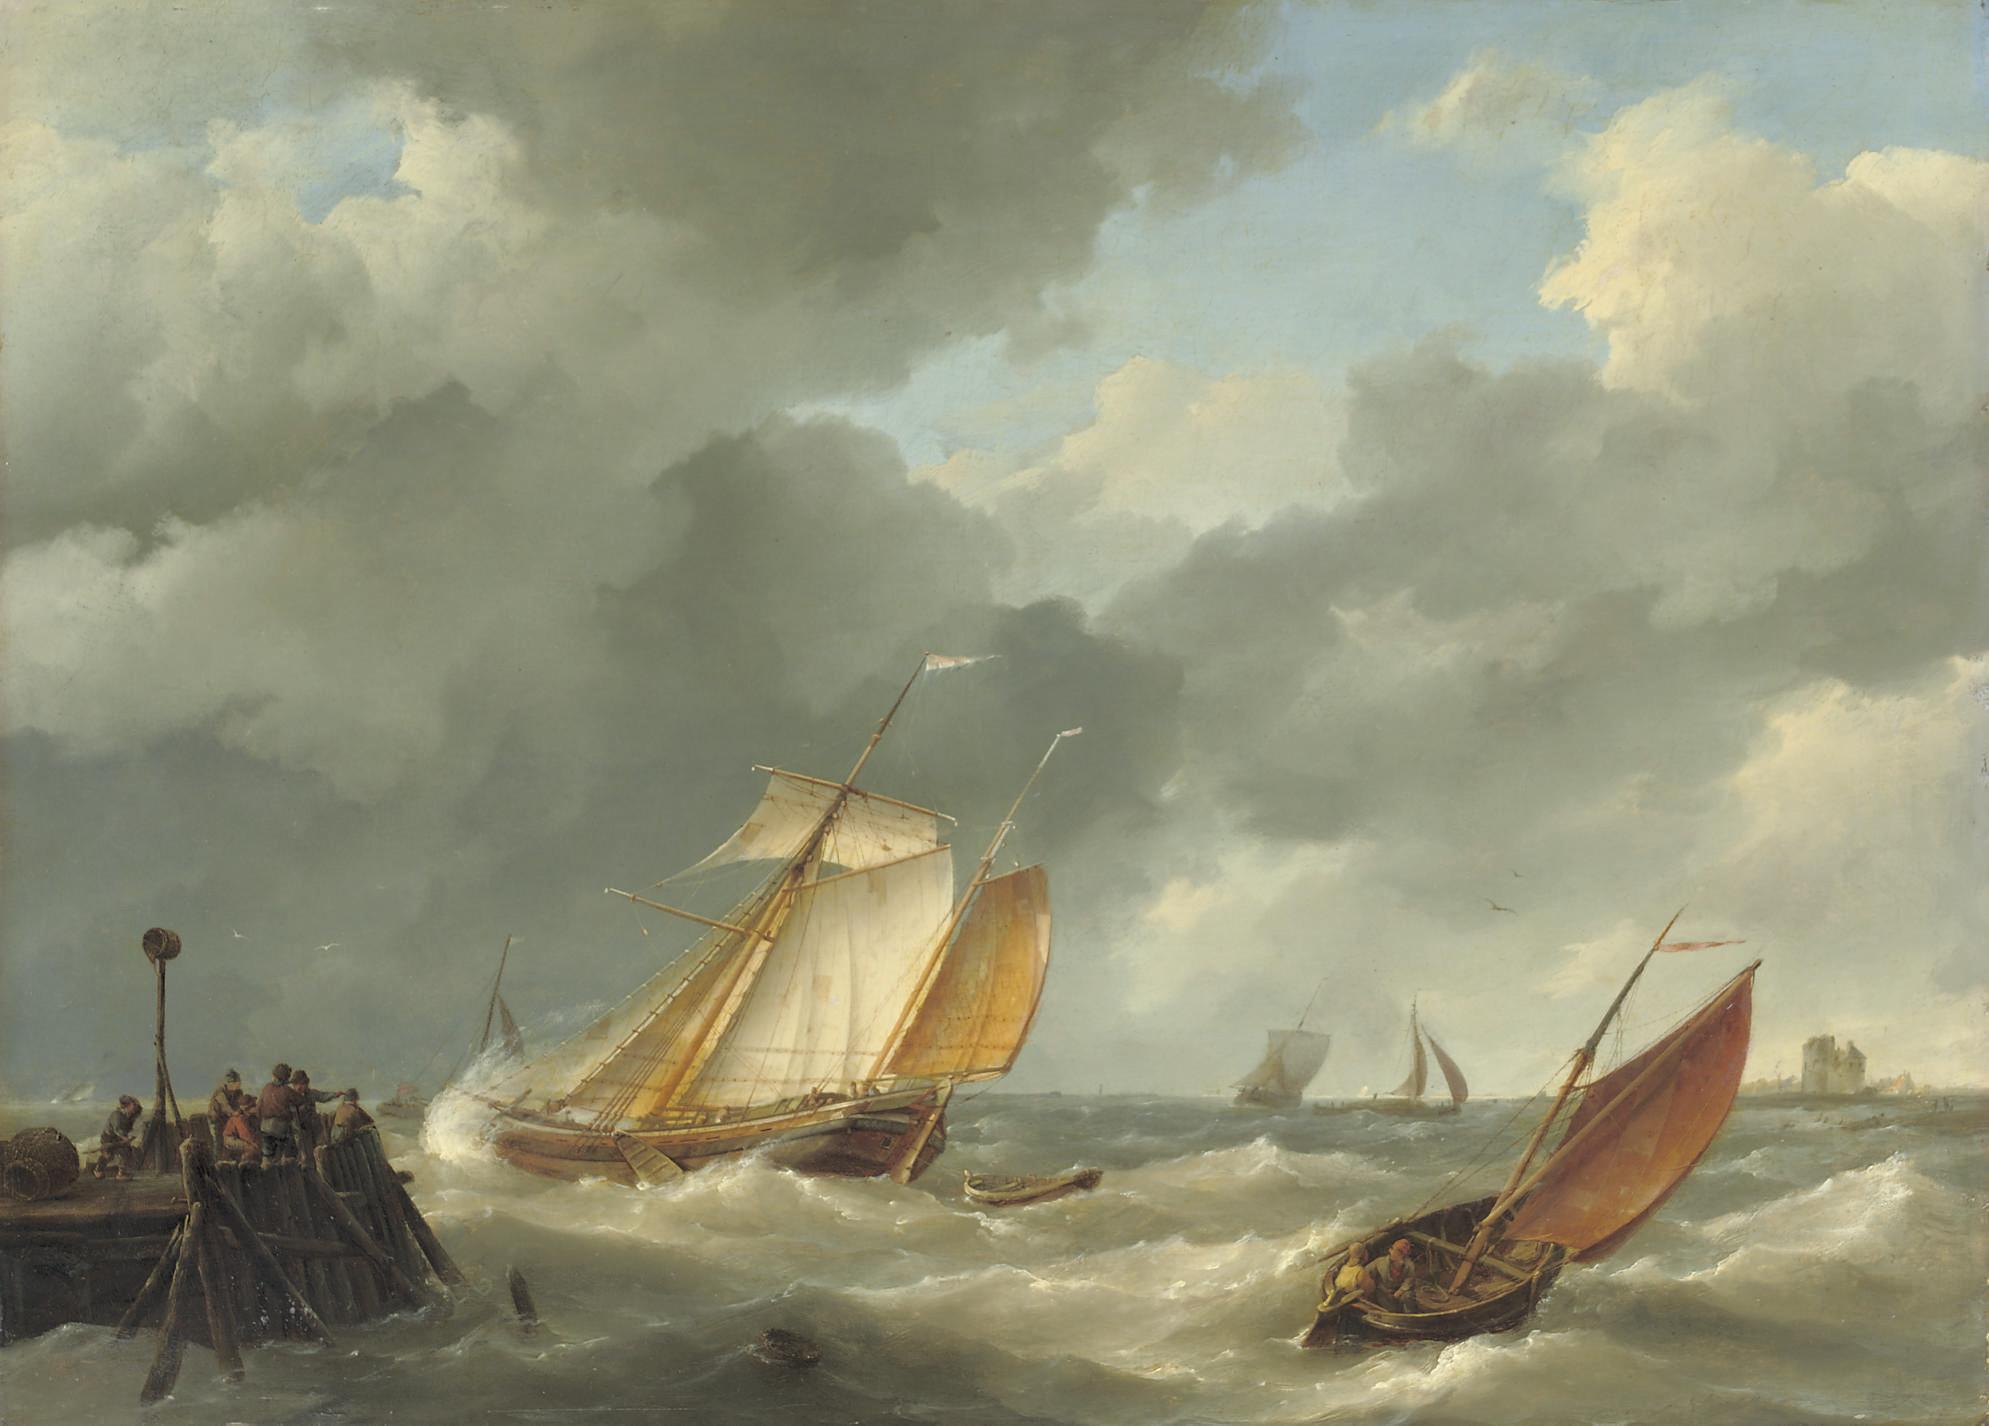 Shipping on a choppy sea